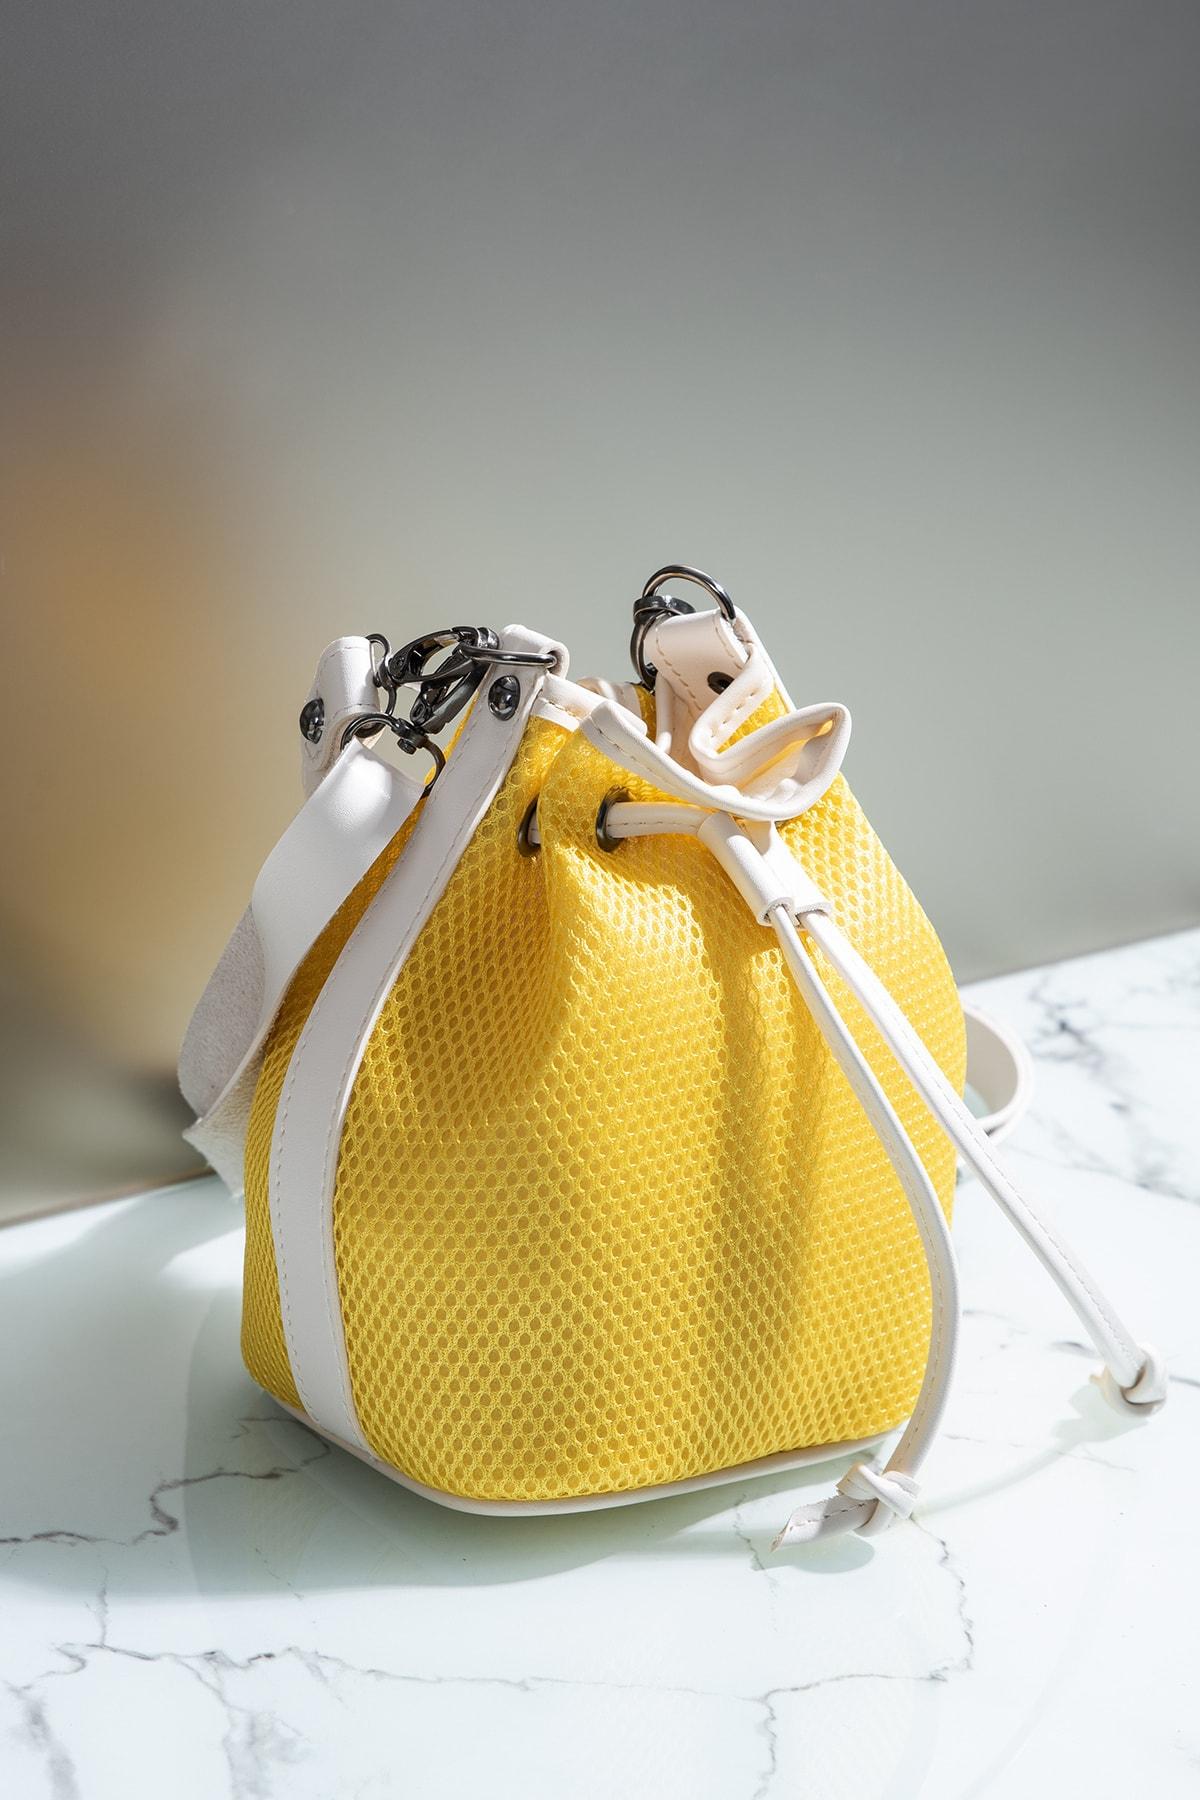 Tonny Black Kadın Çanta Sarı Beyaz Tbc02 1